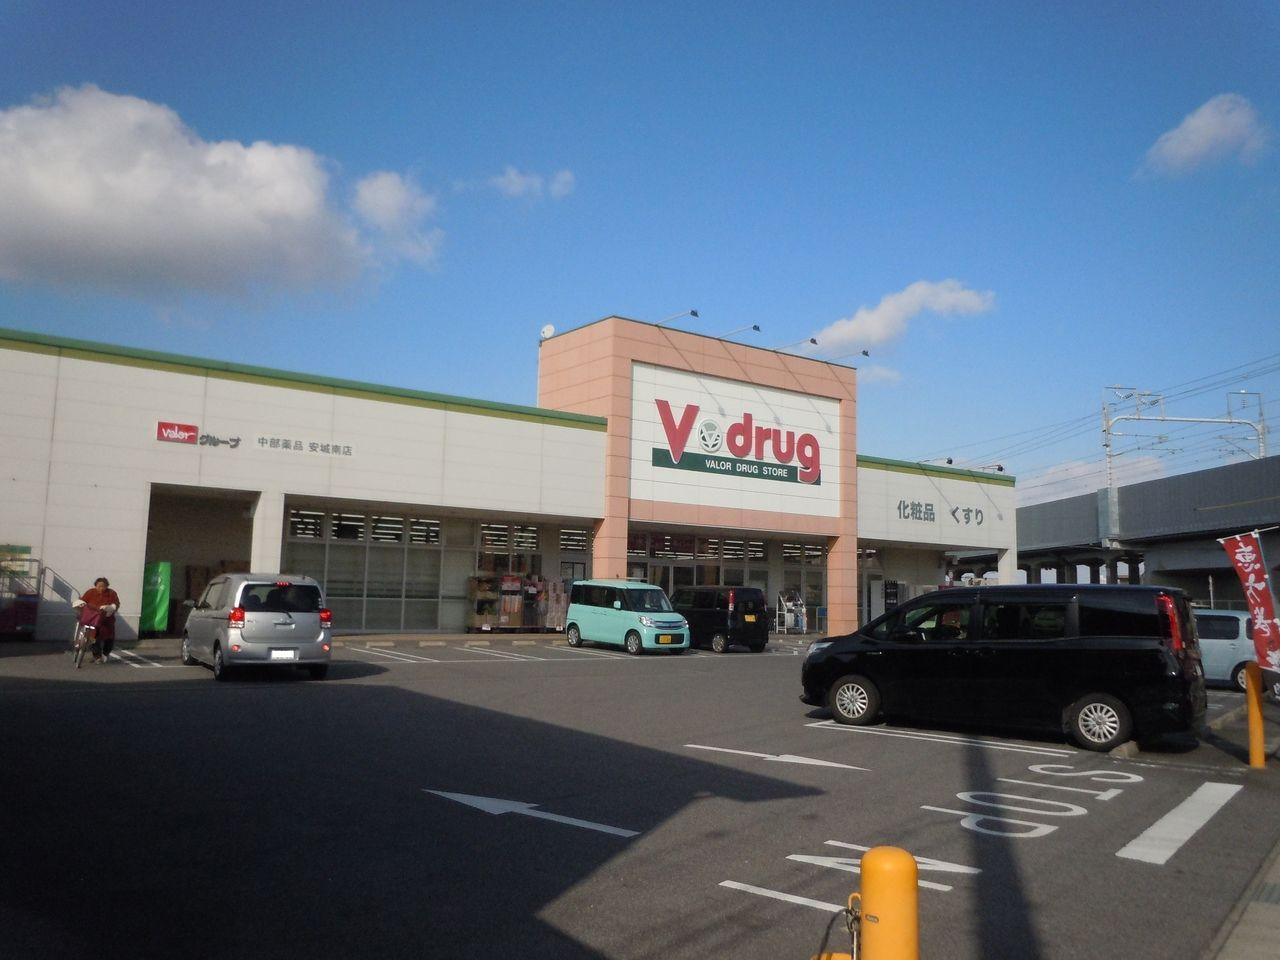 約200m Vドラッグはスーパーのバロー系列のドラッグストアで薬や日用品以外にも食料品が充実しています。